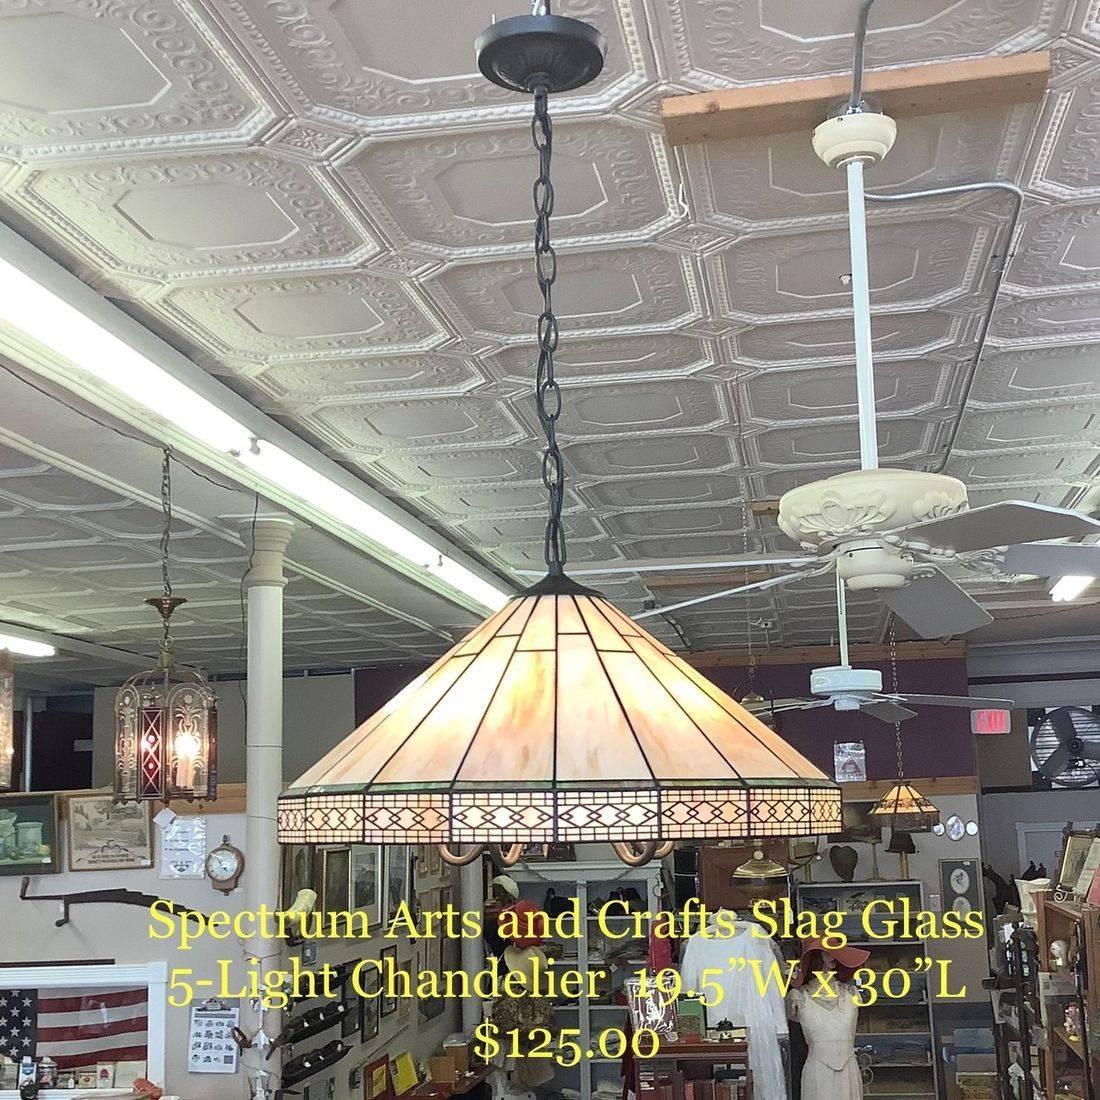 Spectrum Arts and Crafts Slag Glass 5-Light Chandelier   $125.00